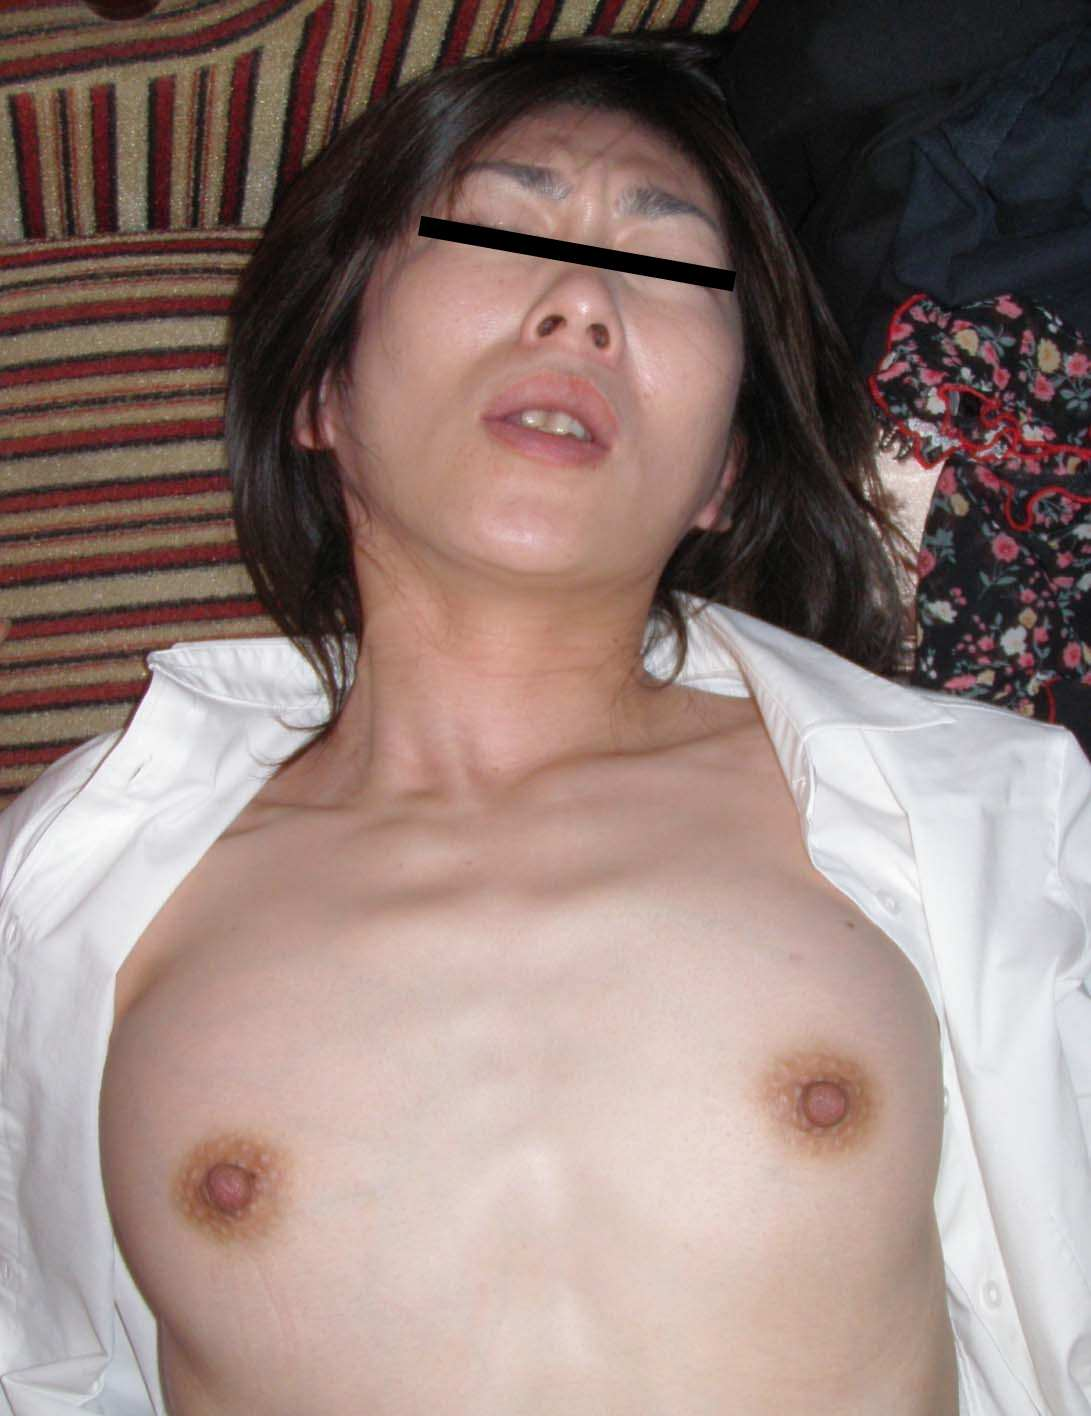 性欲衰えずガチ逝きする熟女のアクメ顔wwww 1148